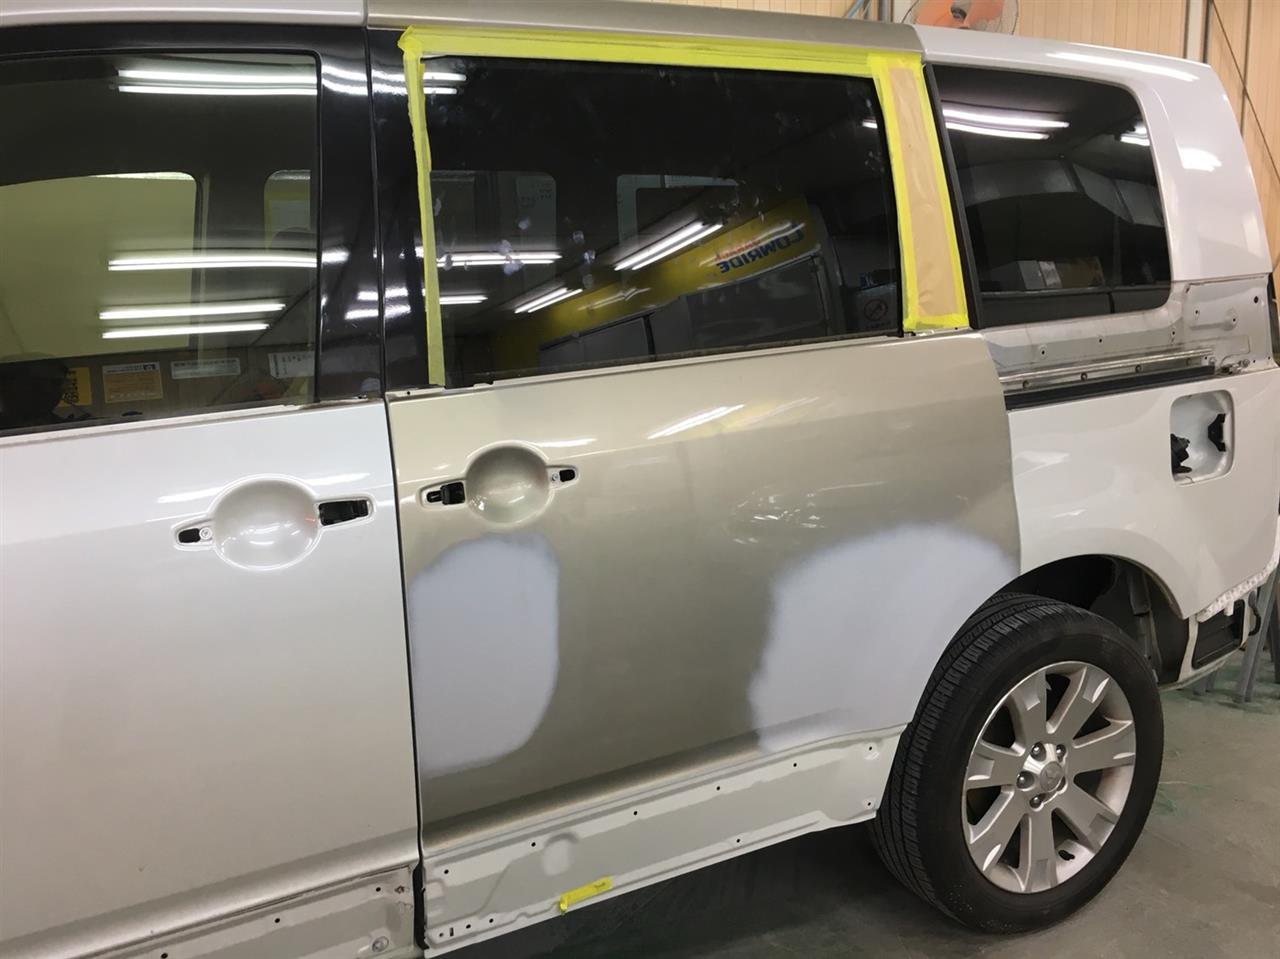 立川市の車の板金塗装修理工場 ガレージローライドの三菱 デリカの左フロントドア・スライドドアのキズ へこみ の板金 修理 塗装 です。